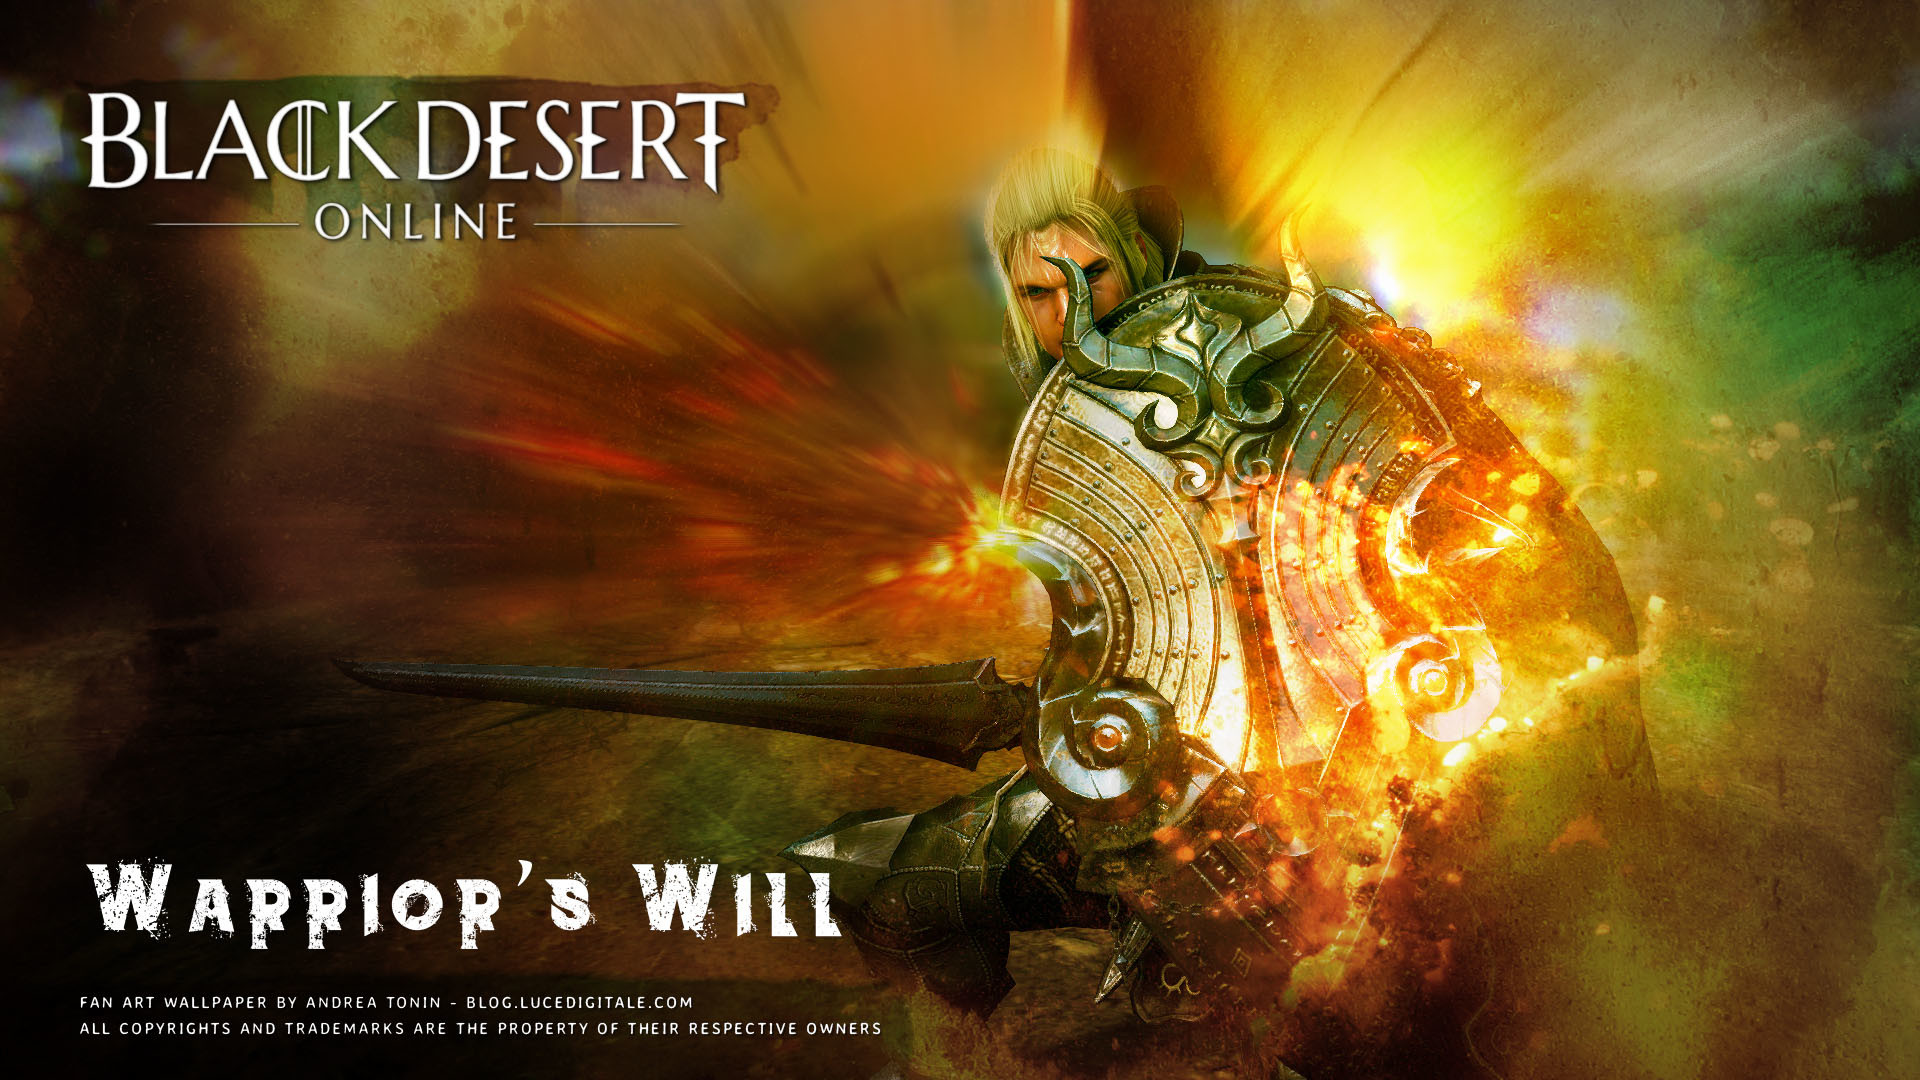 warrior-black-desert-online-wallpaper-001.jpg